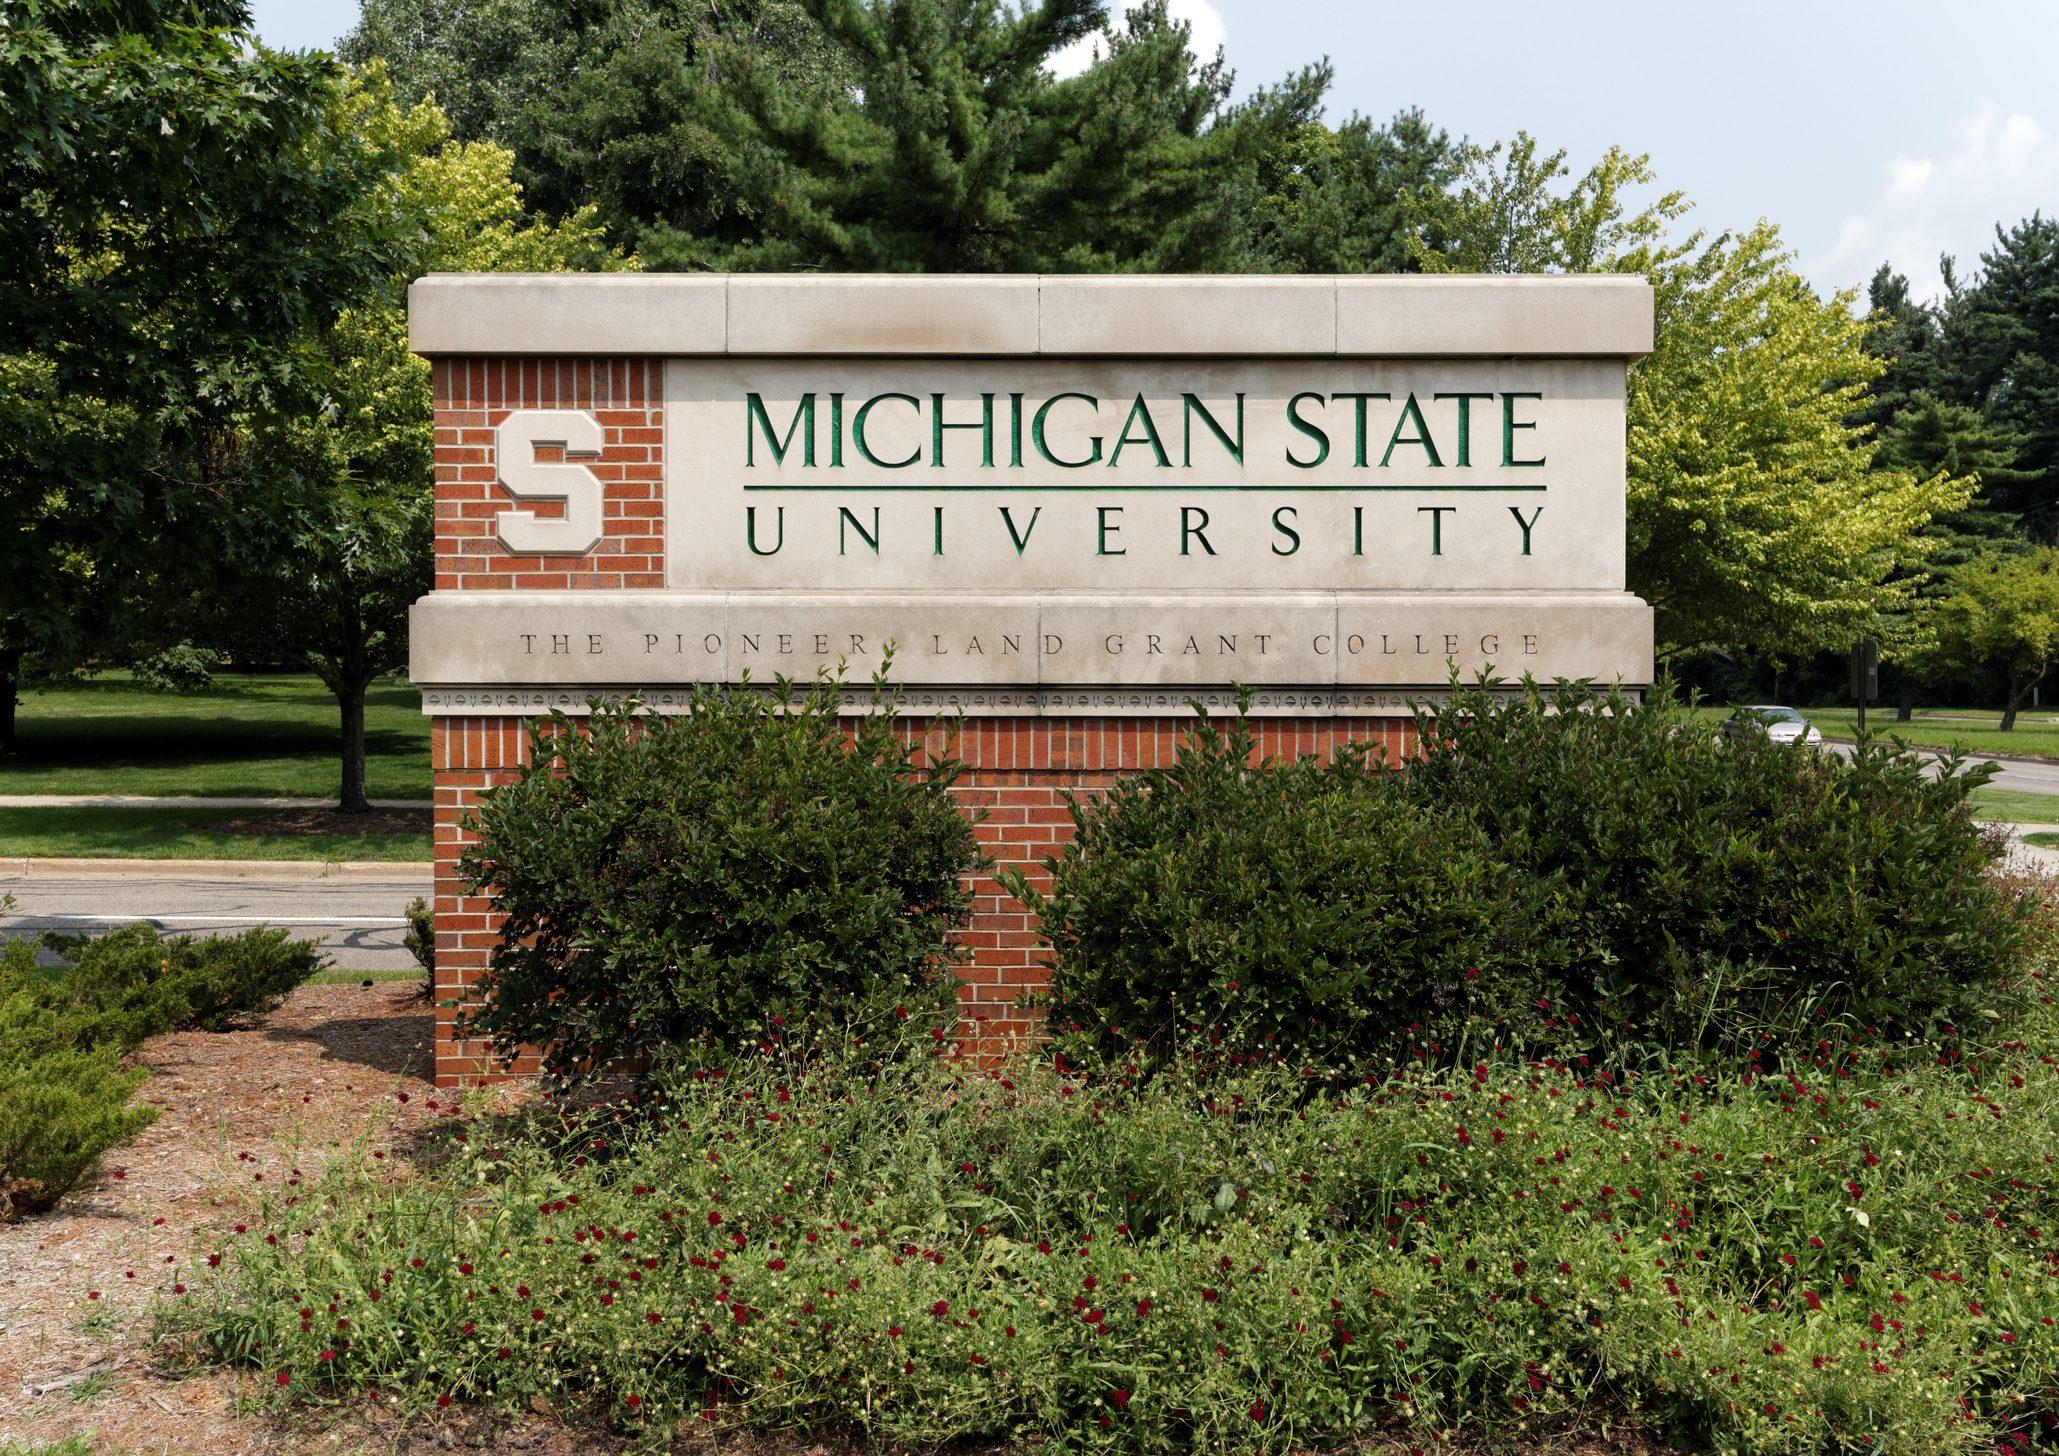 Michigan State University entrance sign; East Lansing, MI